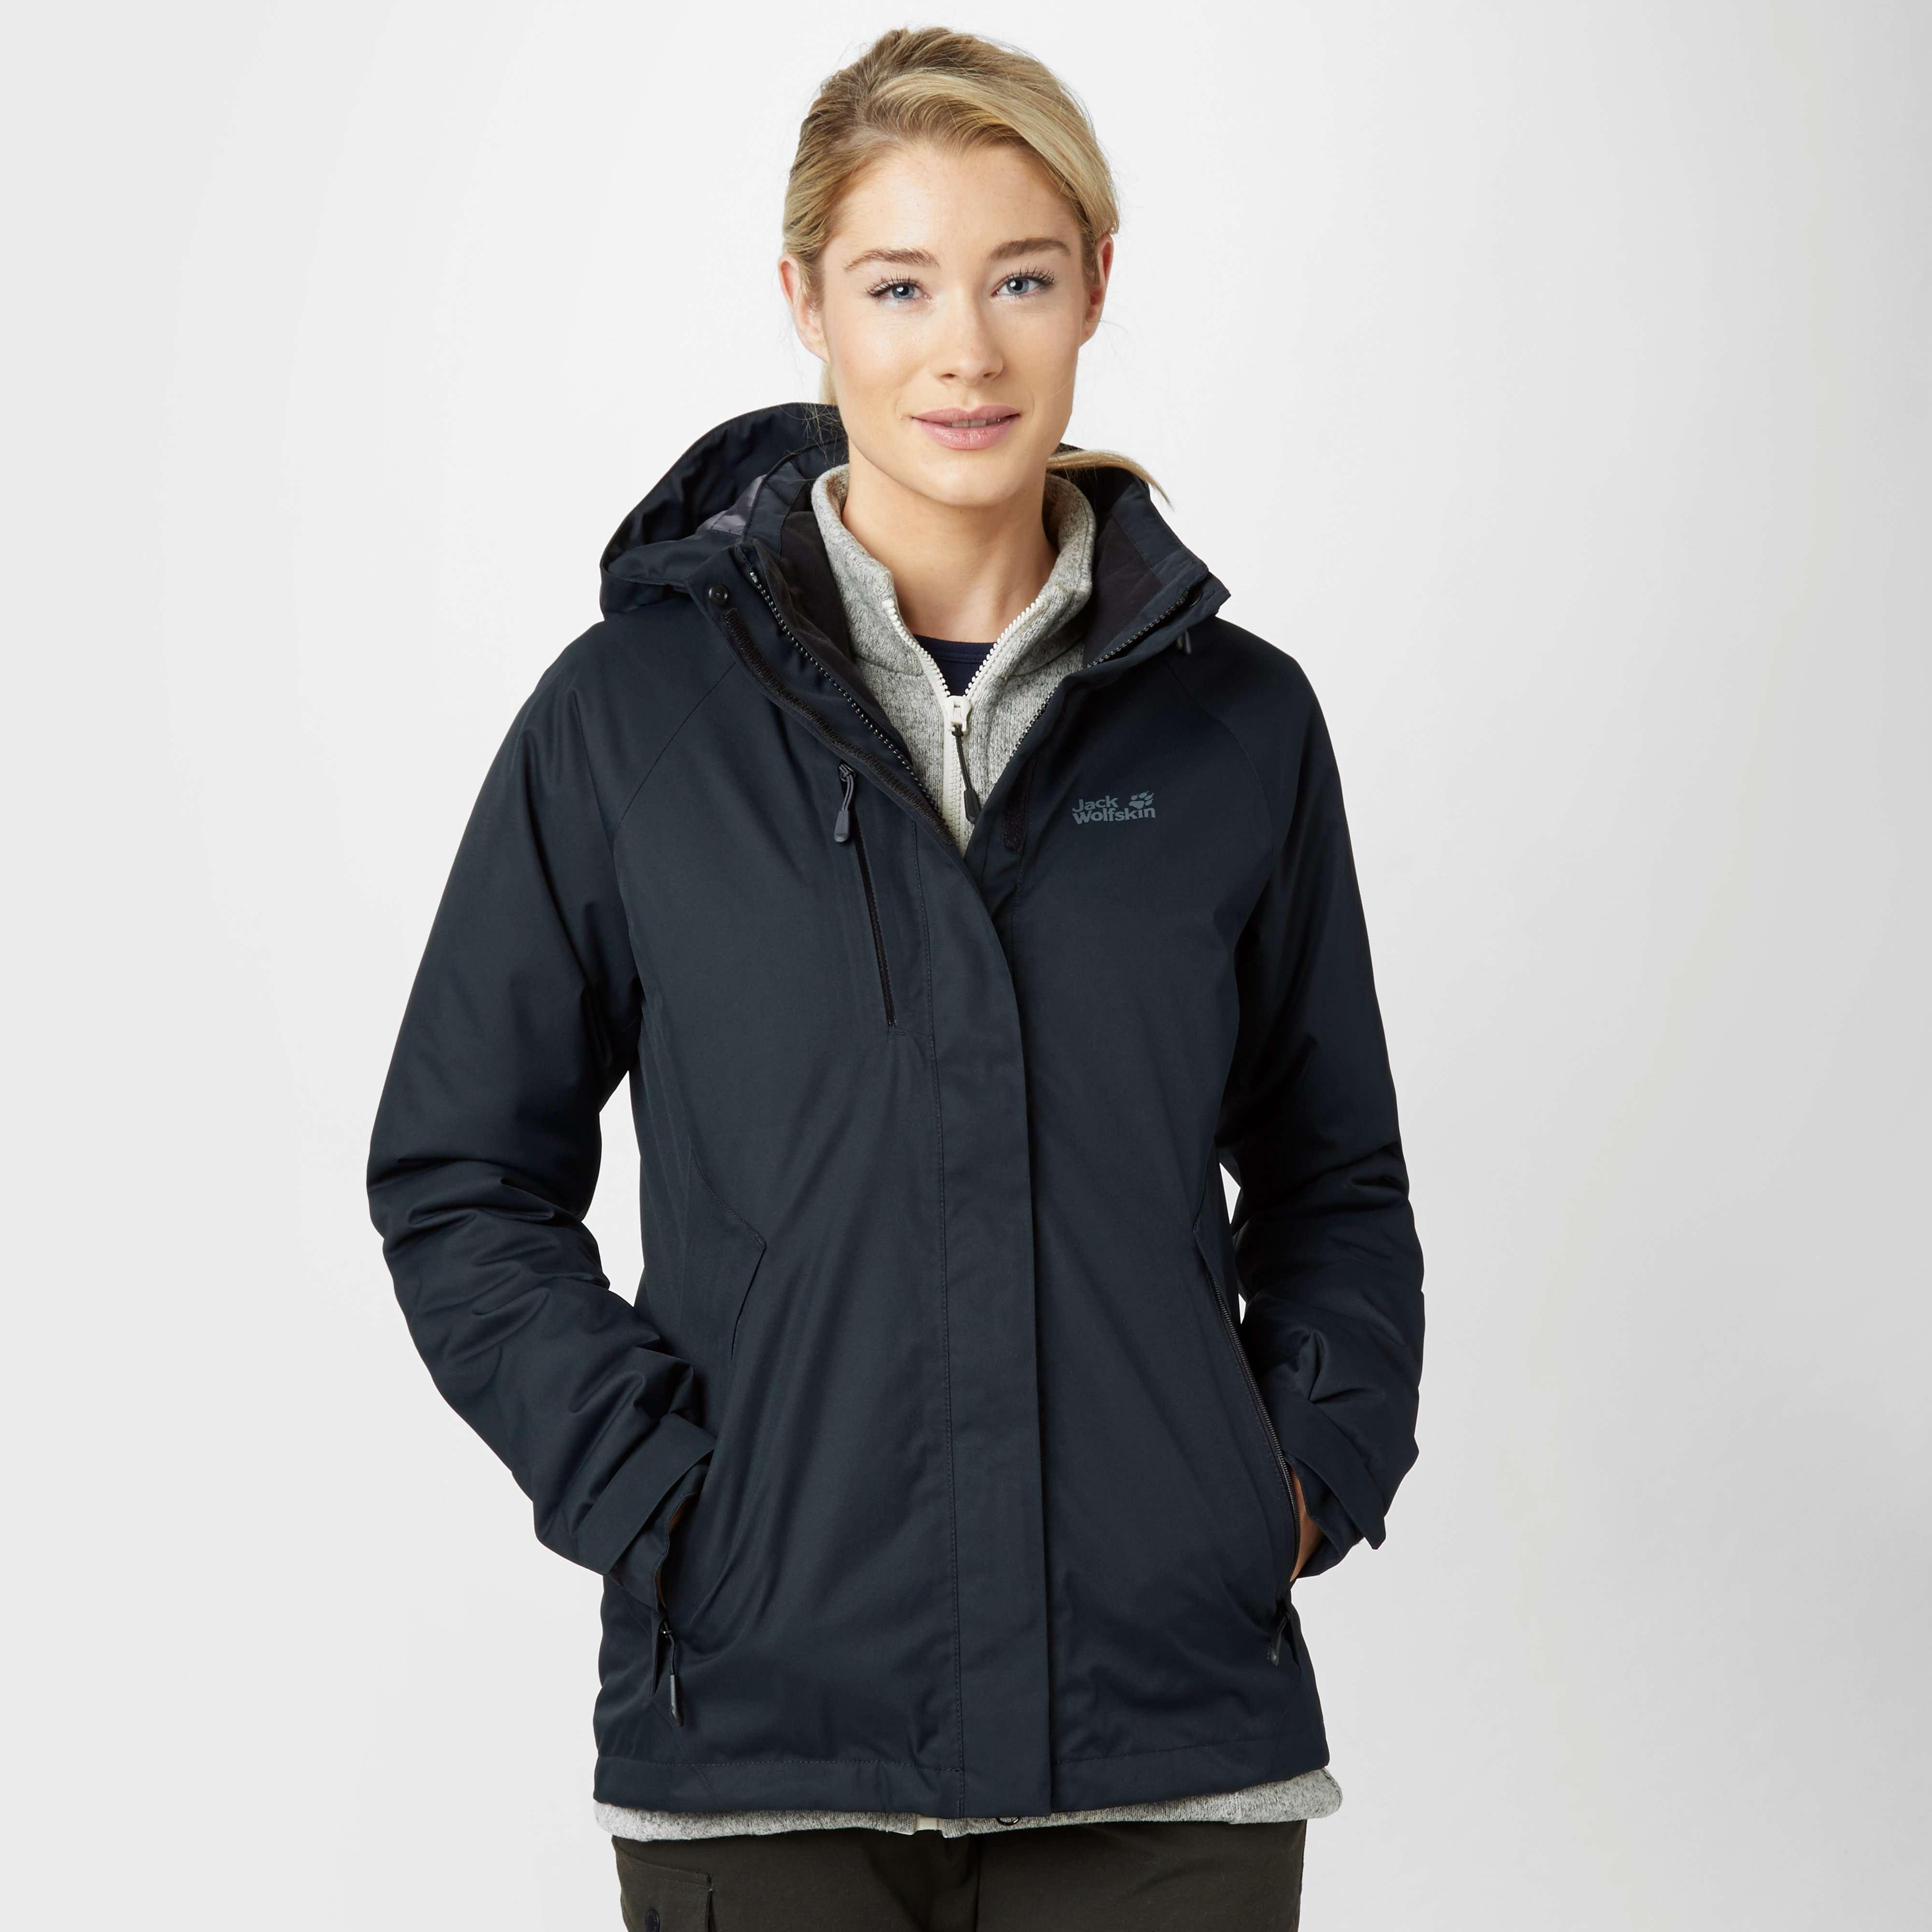 JACK WOLFSKIN Women's Northern Edge Hardshell Jacket